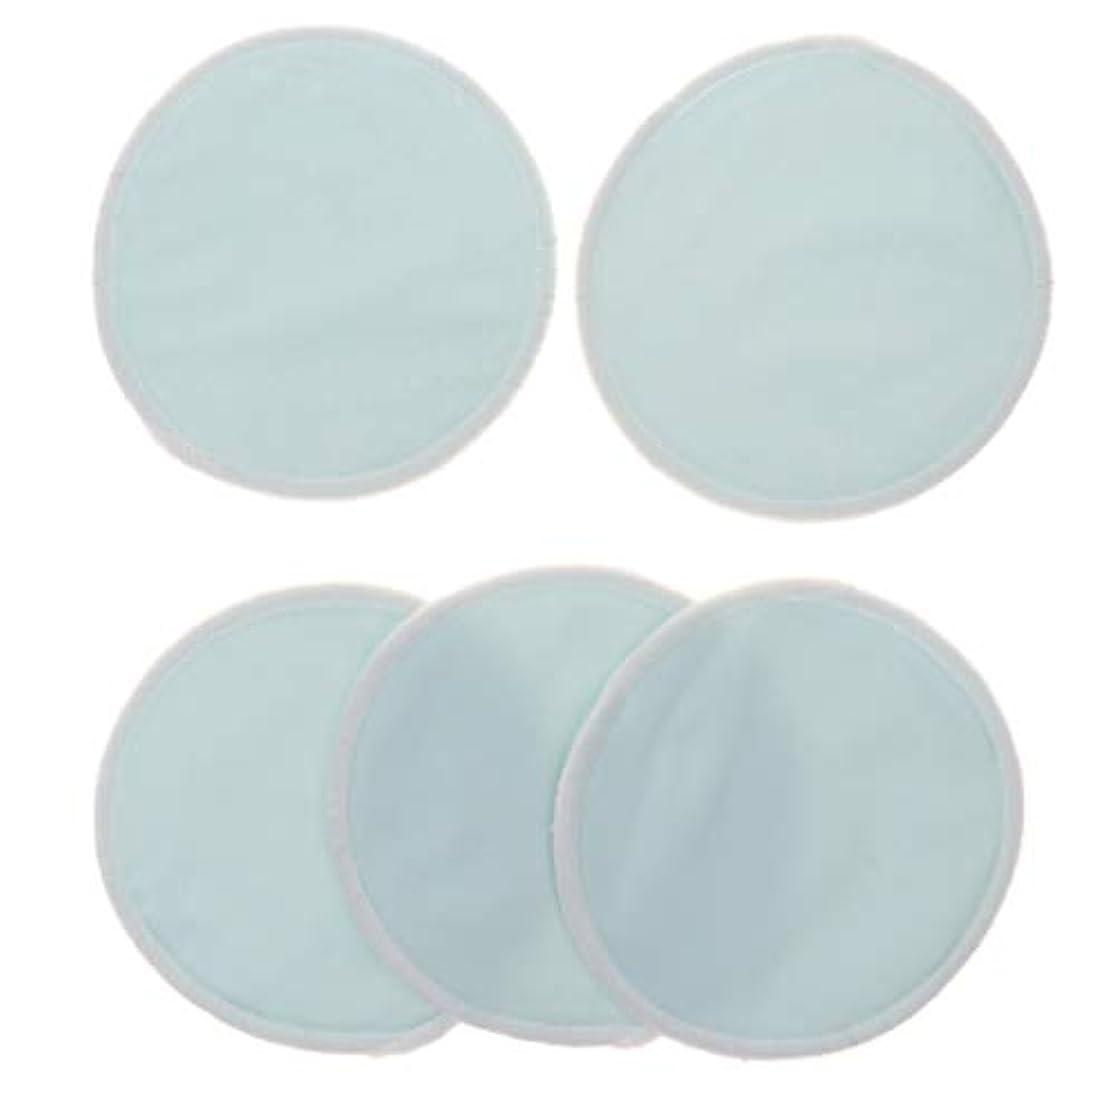 従順な咽頭サンダルFenteer 5個 クレンジングシート 胸パッド 化粧用 竹繊維 円形 12cm 洗える 再使用可能 耐久性 全5色 - 青